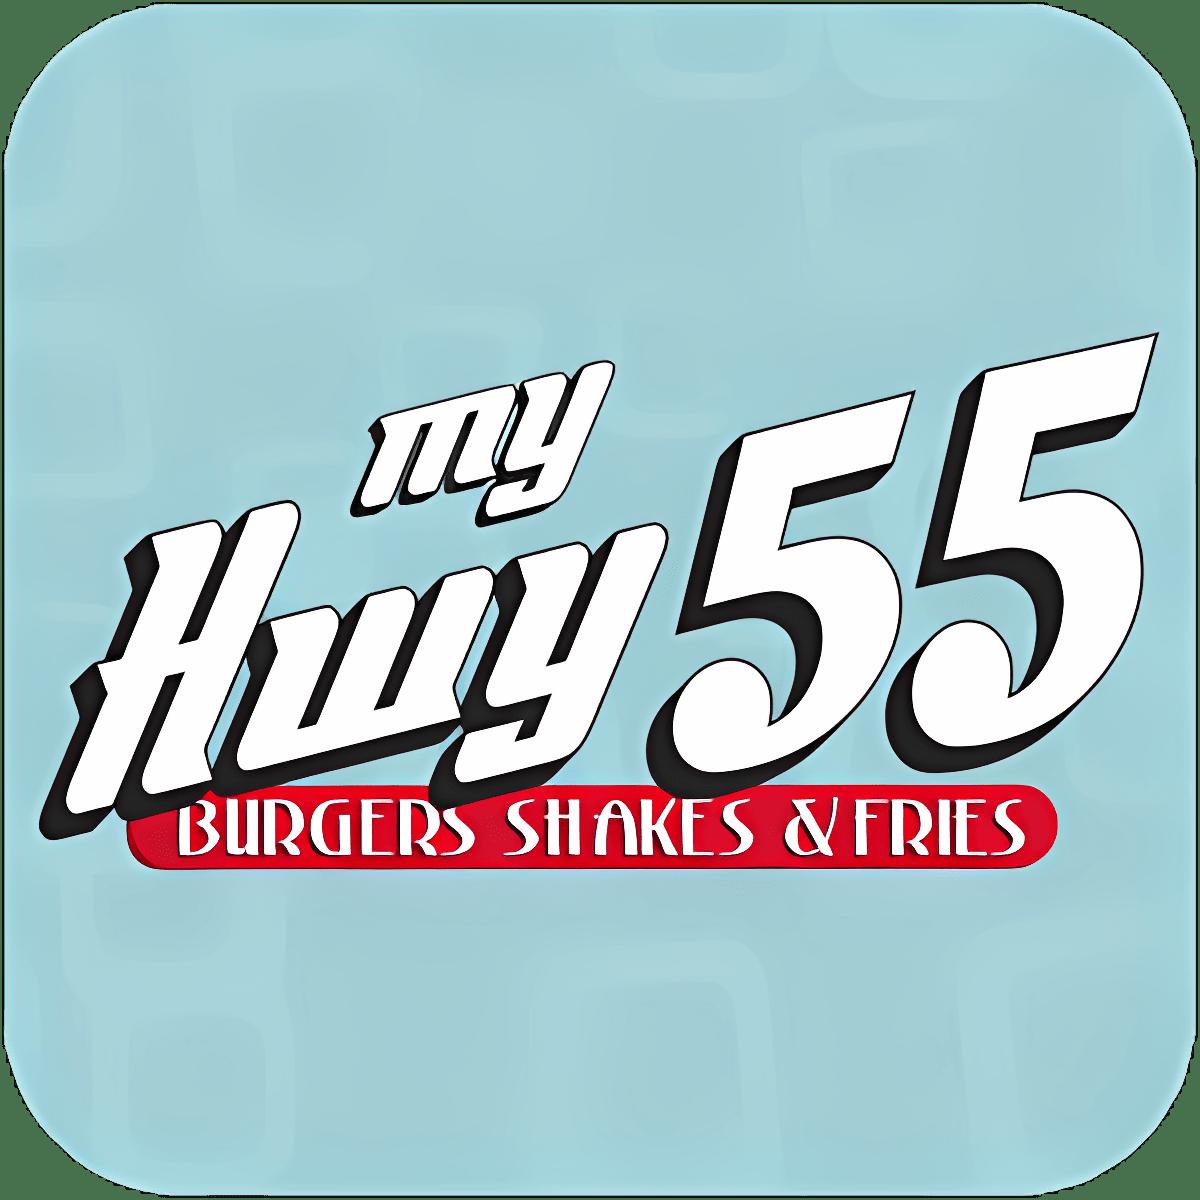 My Hwy 55